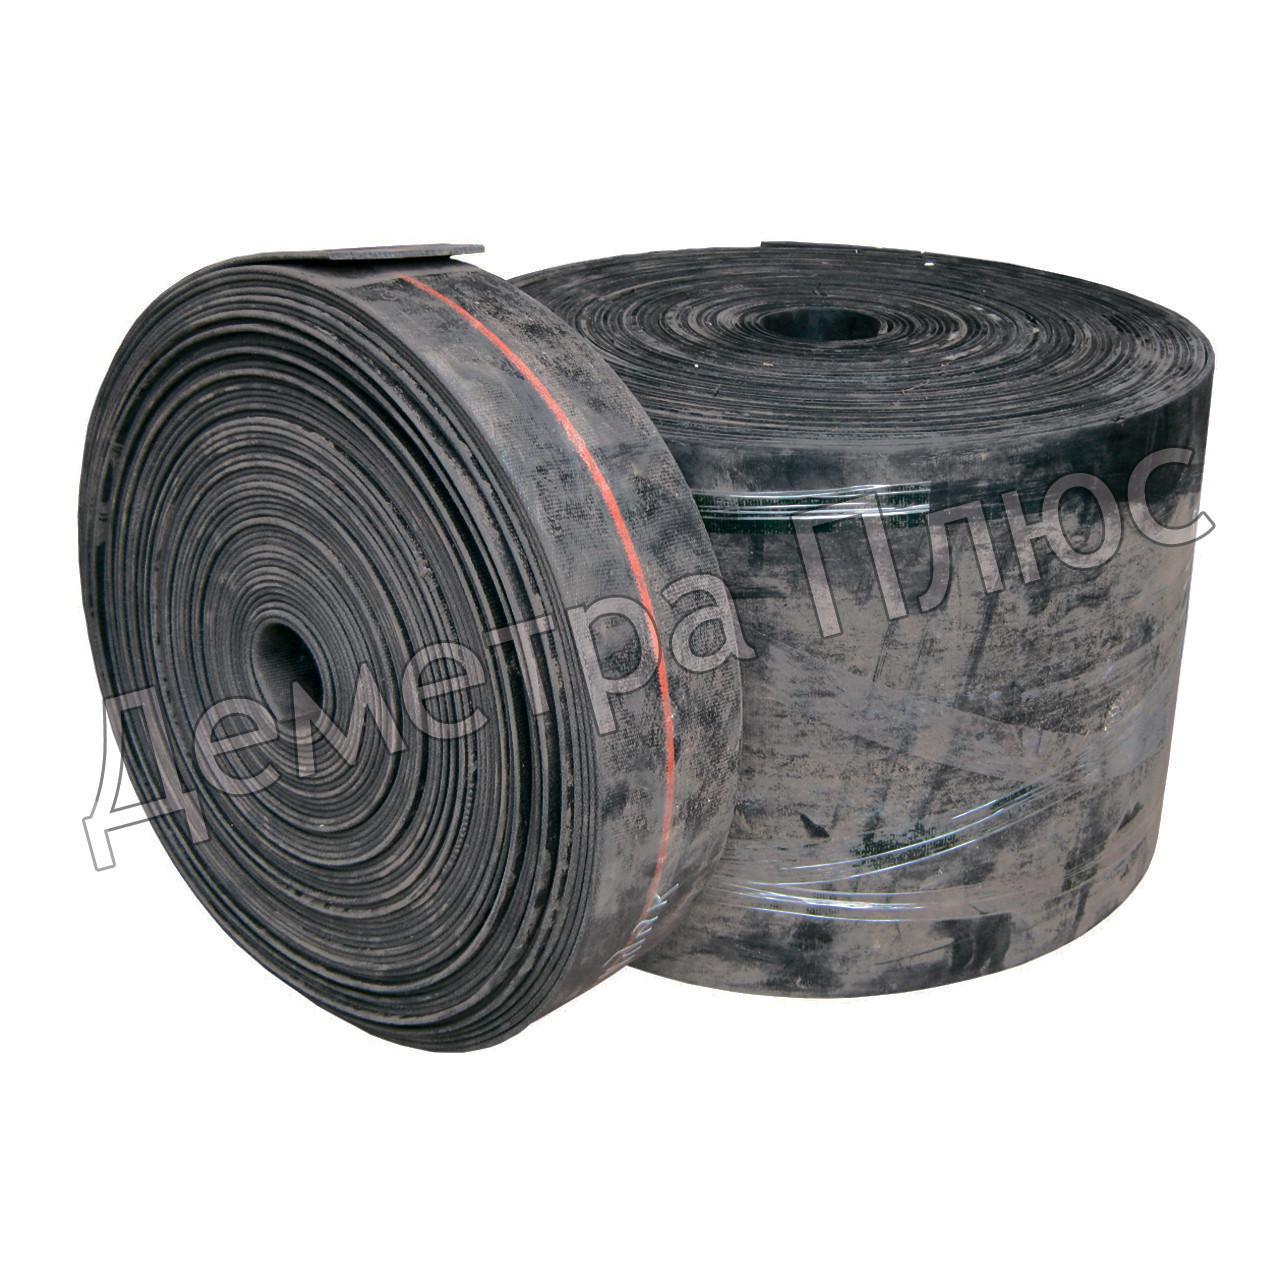 Лента норийная 175×5 (лента транспортерная резинотканевая, конвейерные ленты)